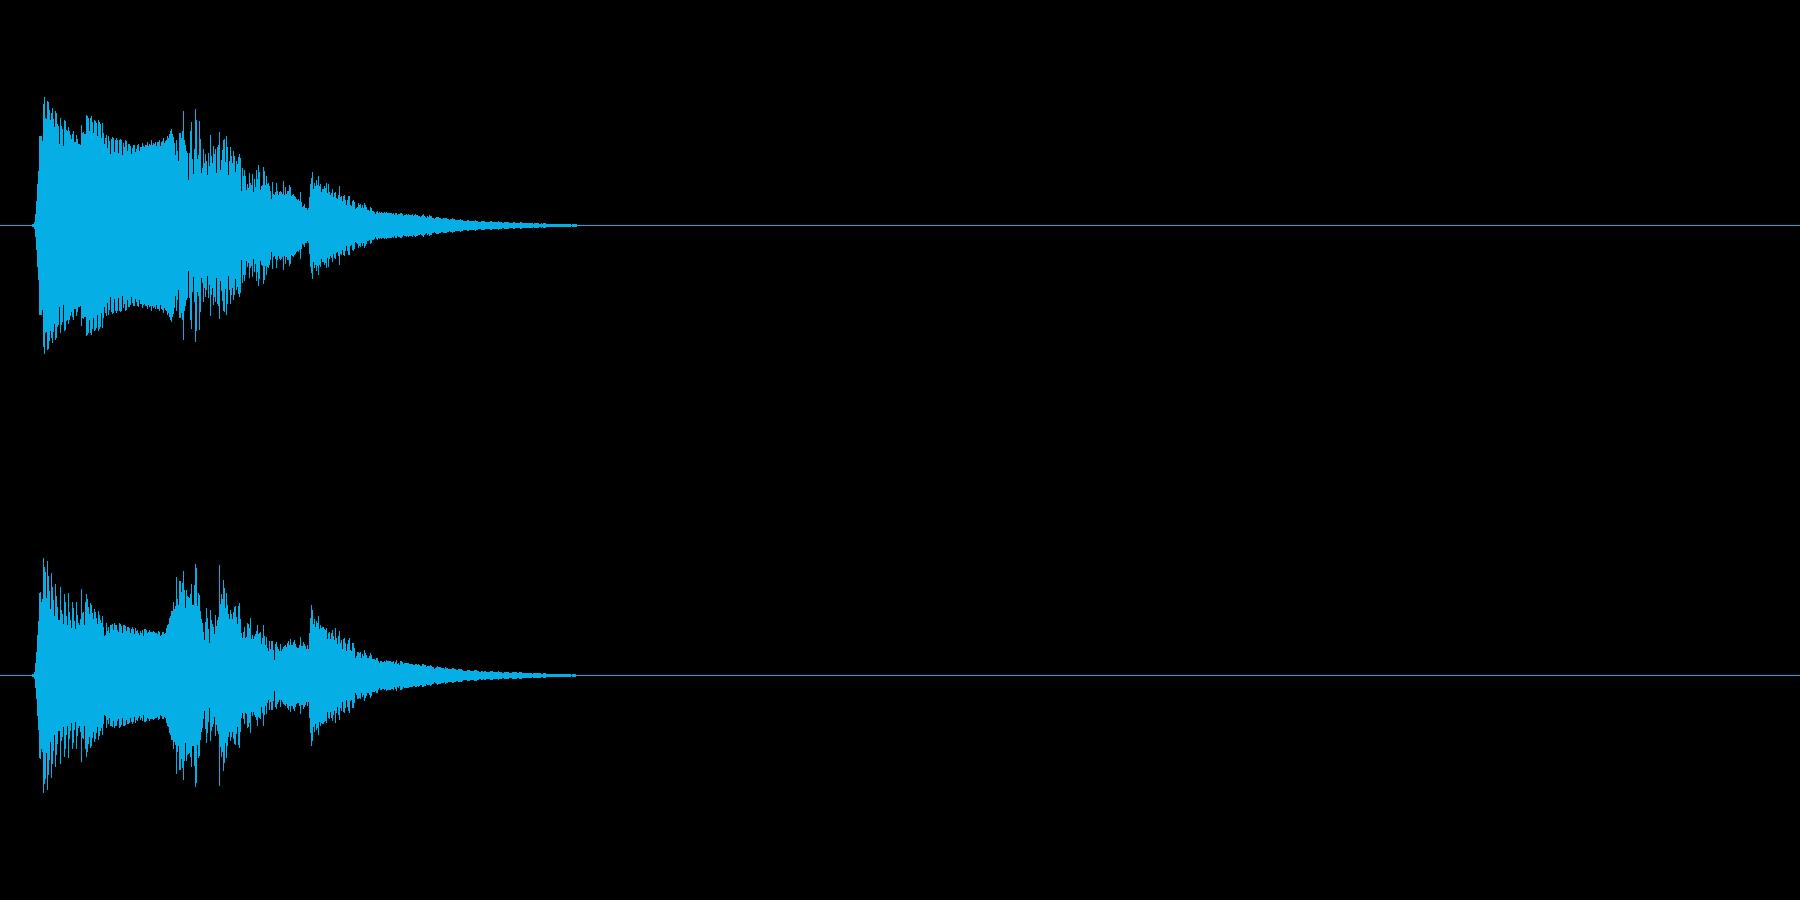 【ポップモーション01-1】の再生済みの波形